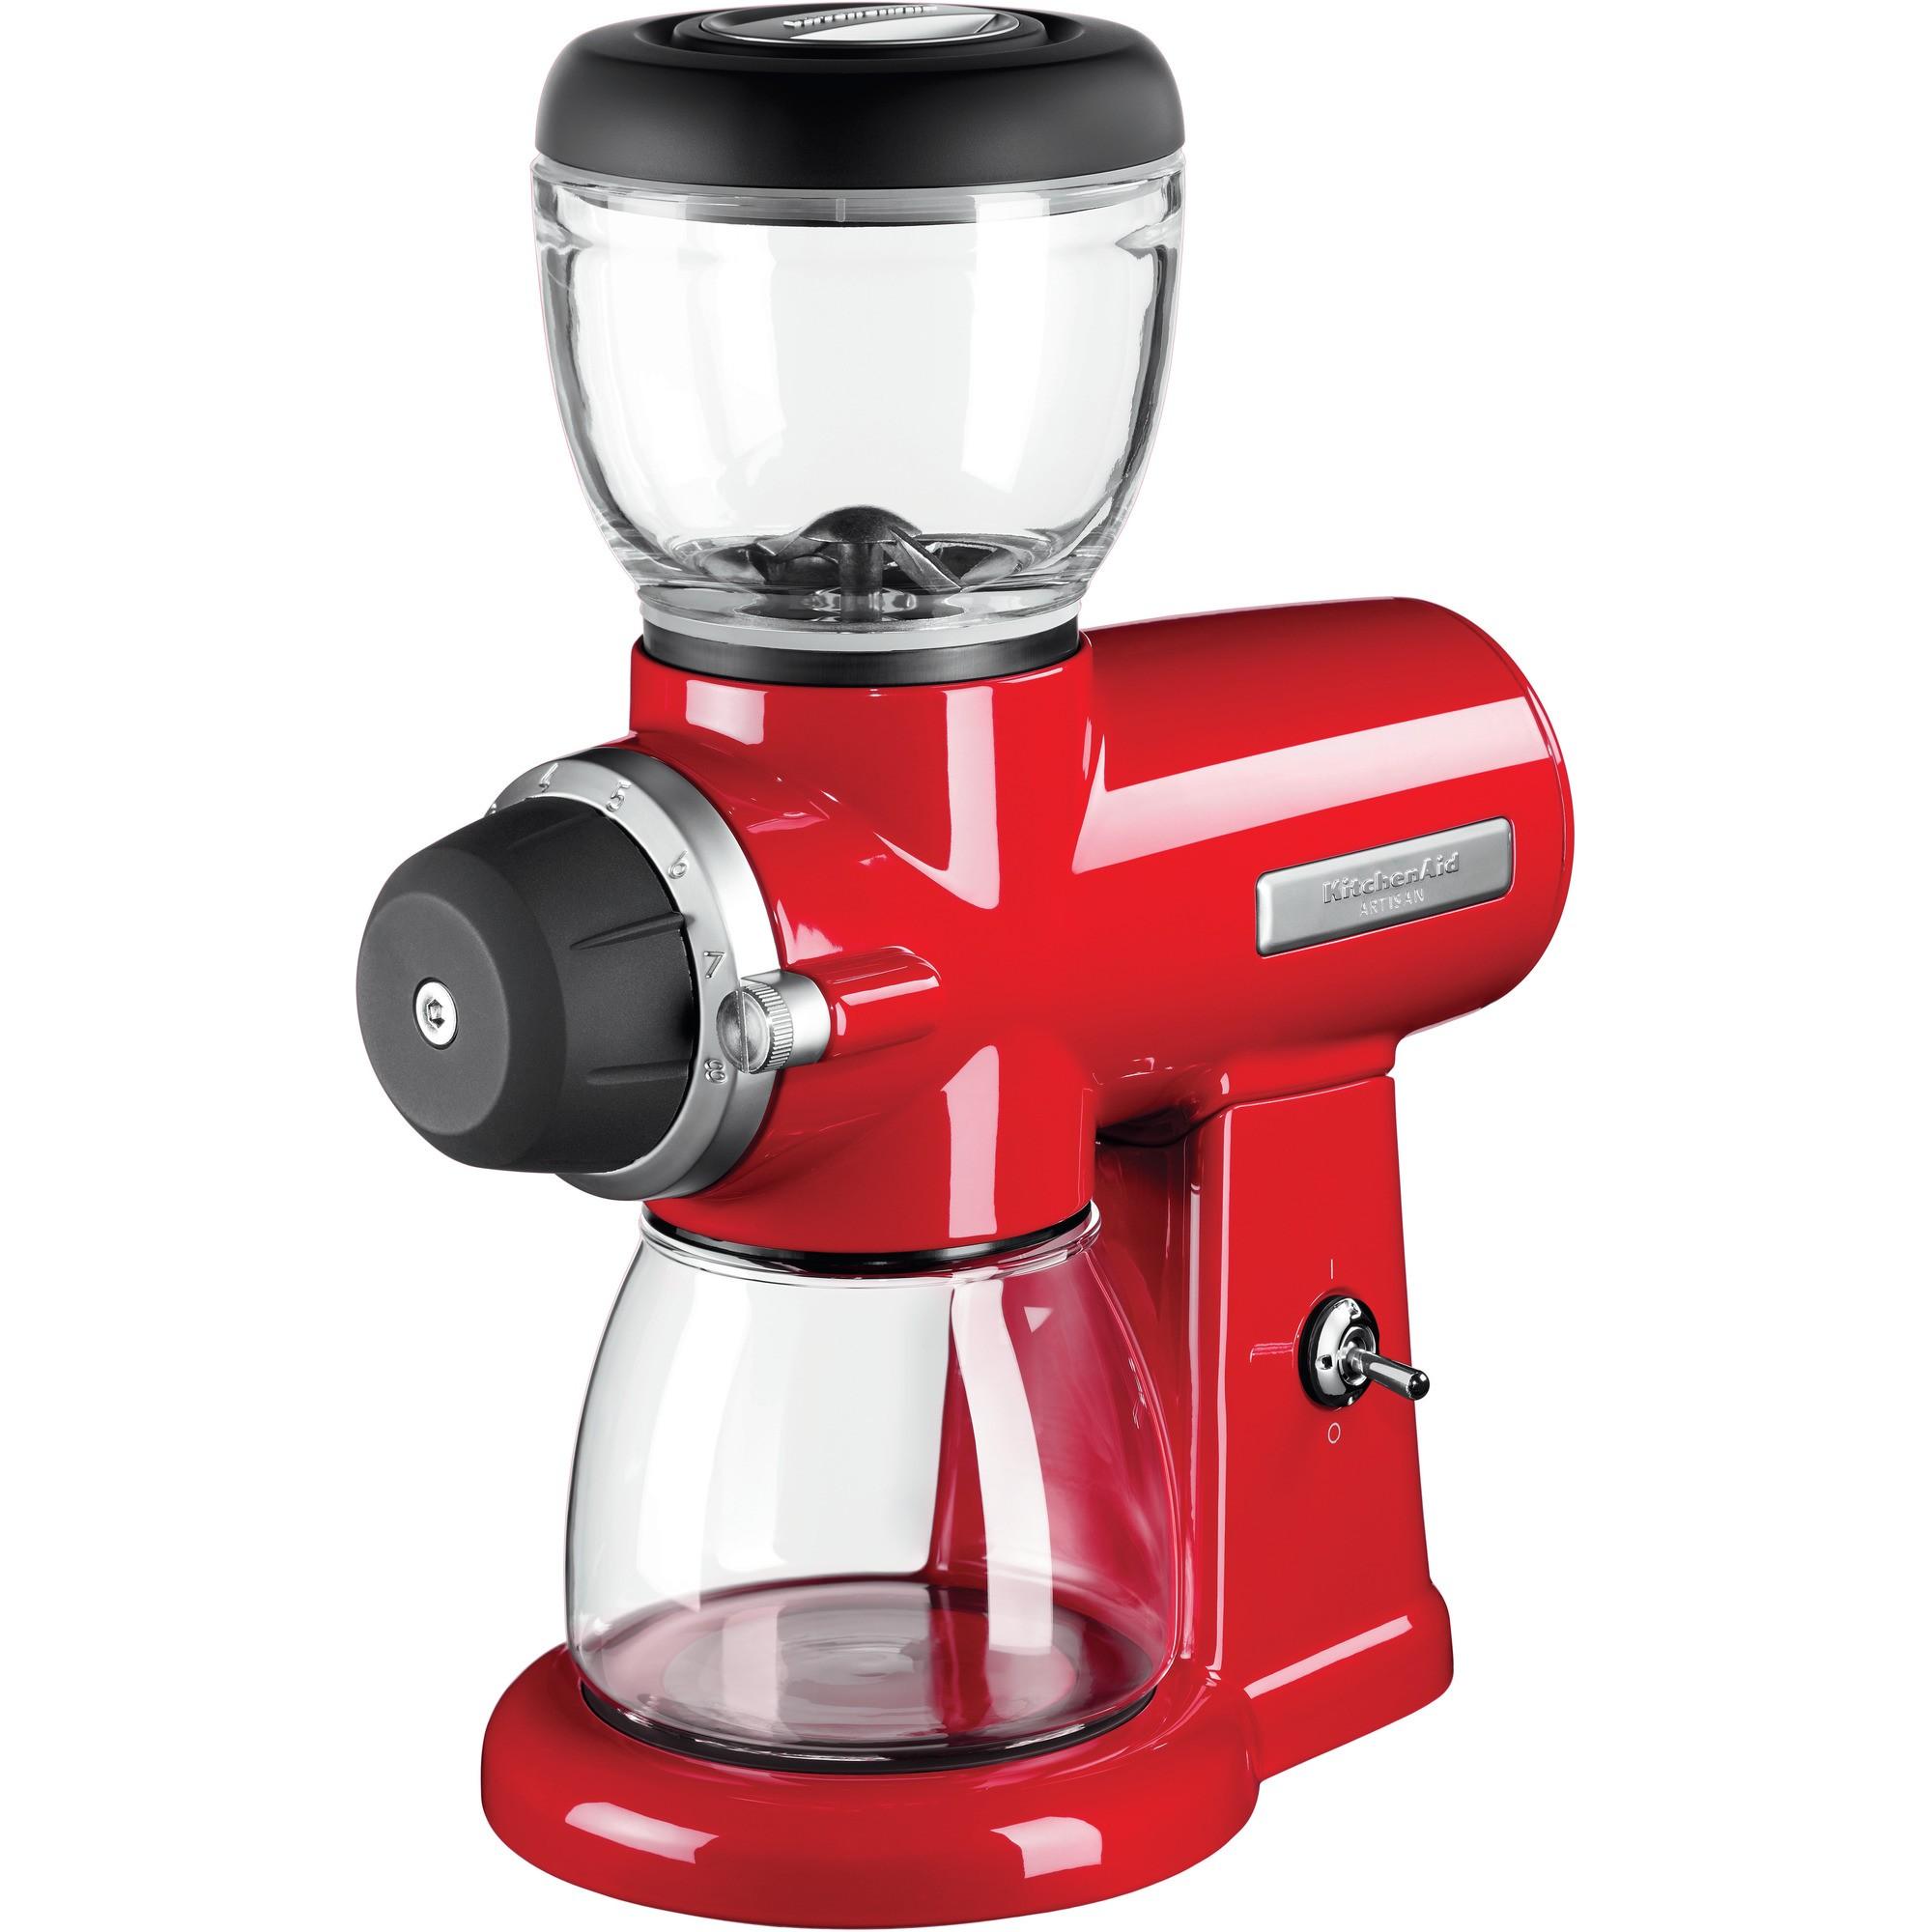 Кофемолка Artisan, красная, 5KCG0702EER, KitchenAidКофемолки<br><br>